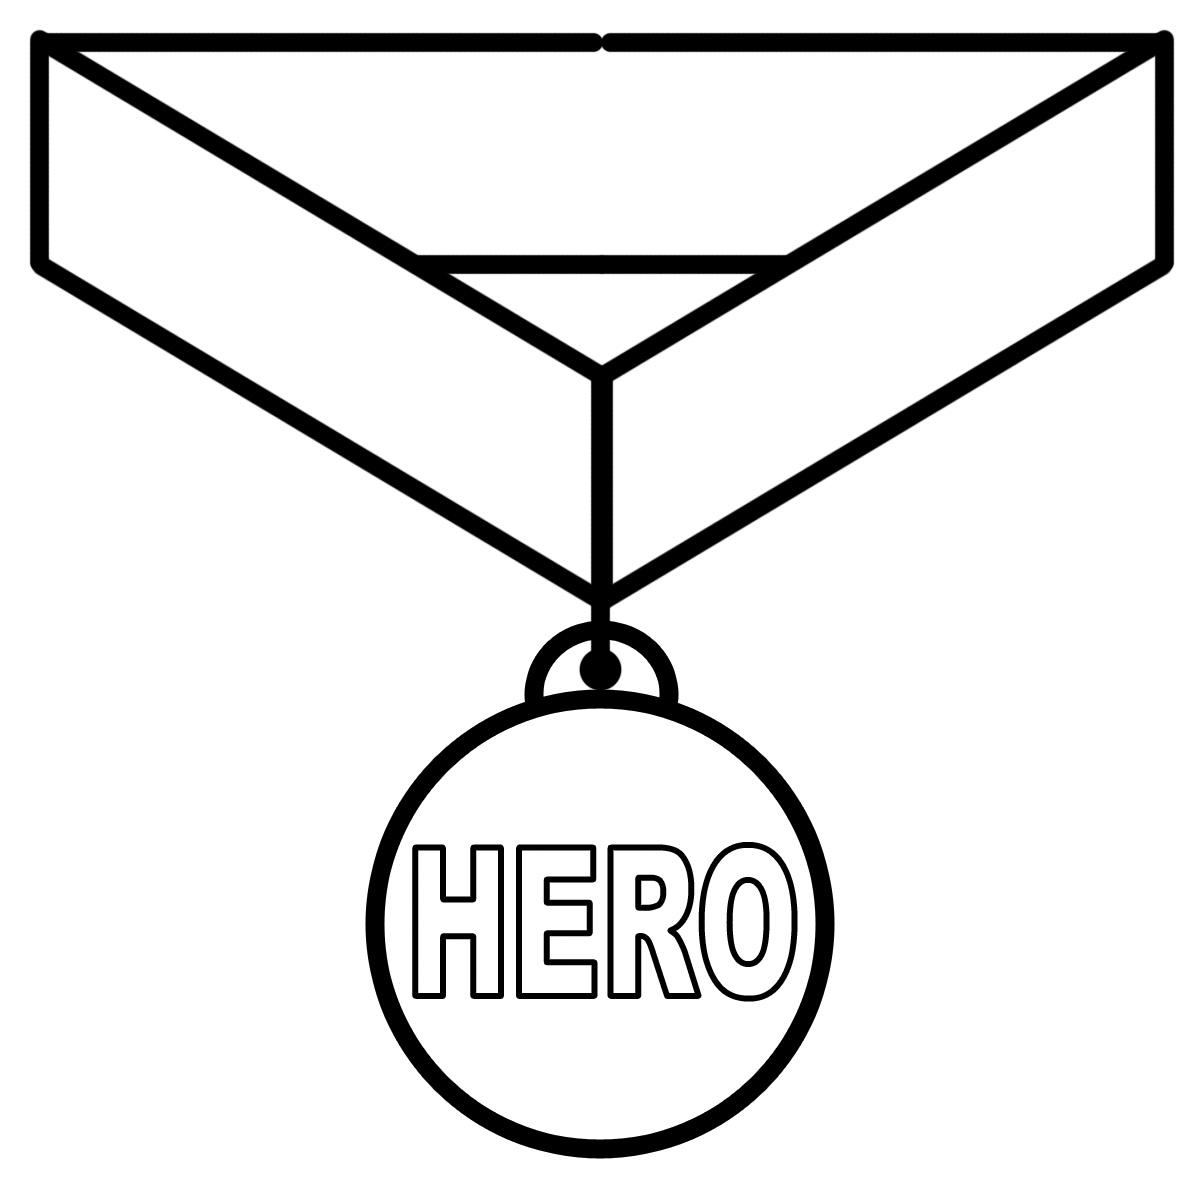 Hero Wording Clipart.